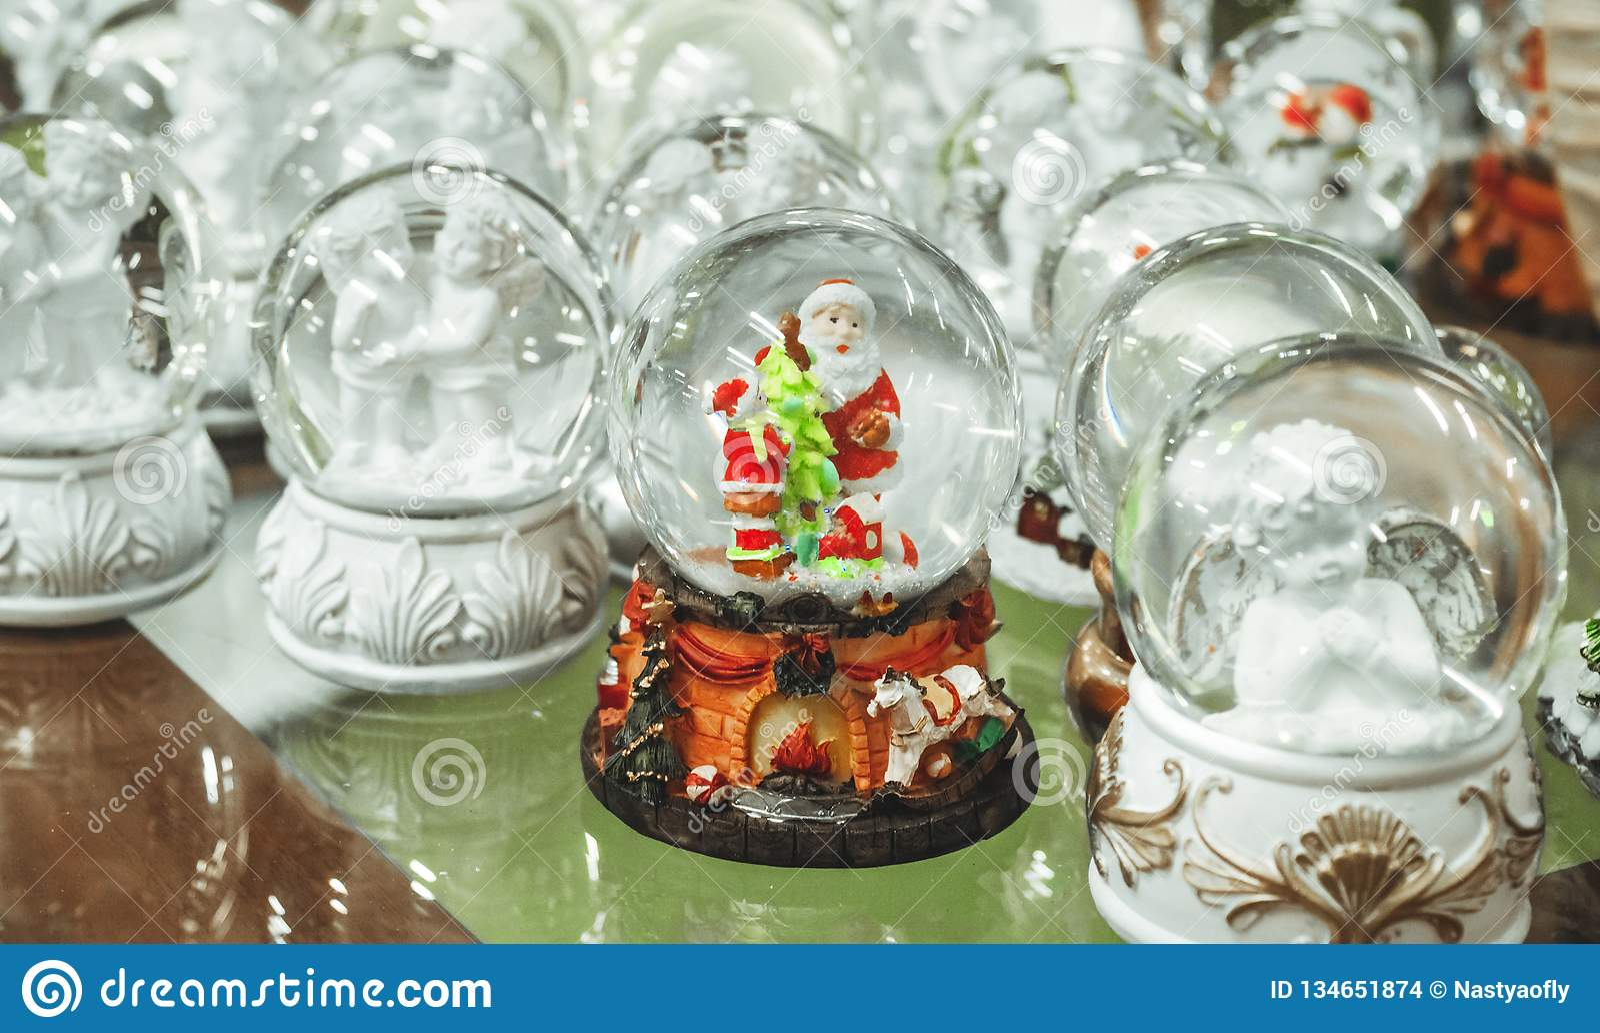 Παιχνίδια Χριστουγέννων γυαλιού, αναμνηστικά - χιονιές στο μετρητή της αγοράς Χριστουγέννων